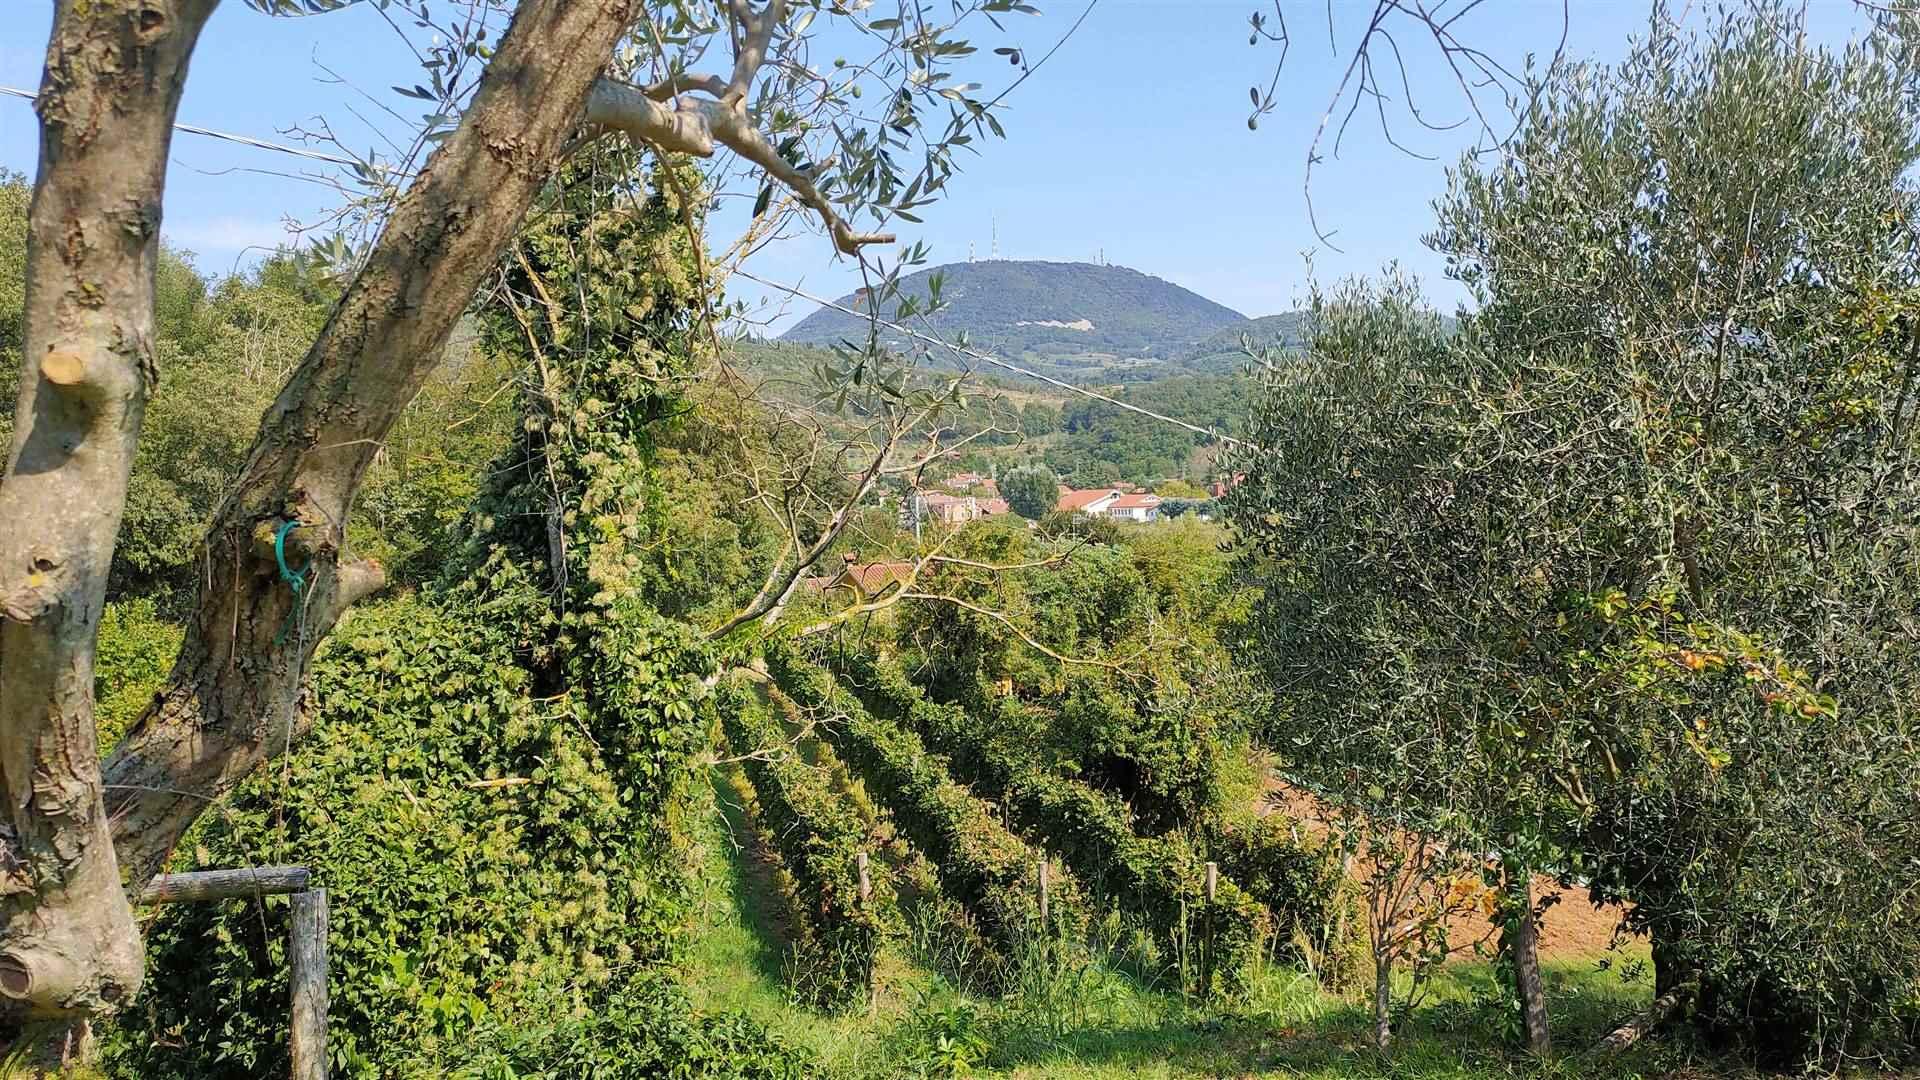 Soluzione Indipendente in vendita a Cinto Euganeo, 6 locali, zona Località: VALNOGAREDO, Trattative riservate | CambioCasa.it